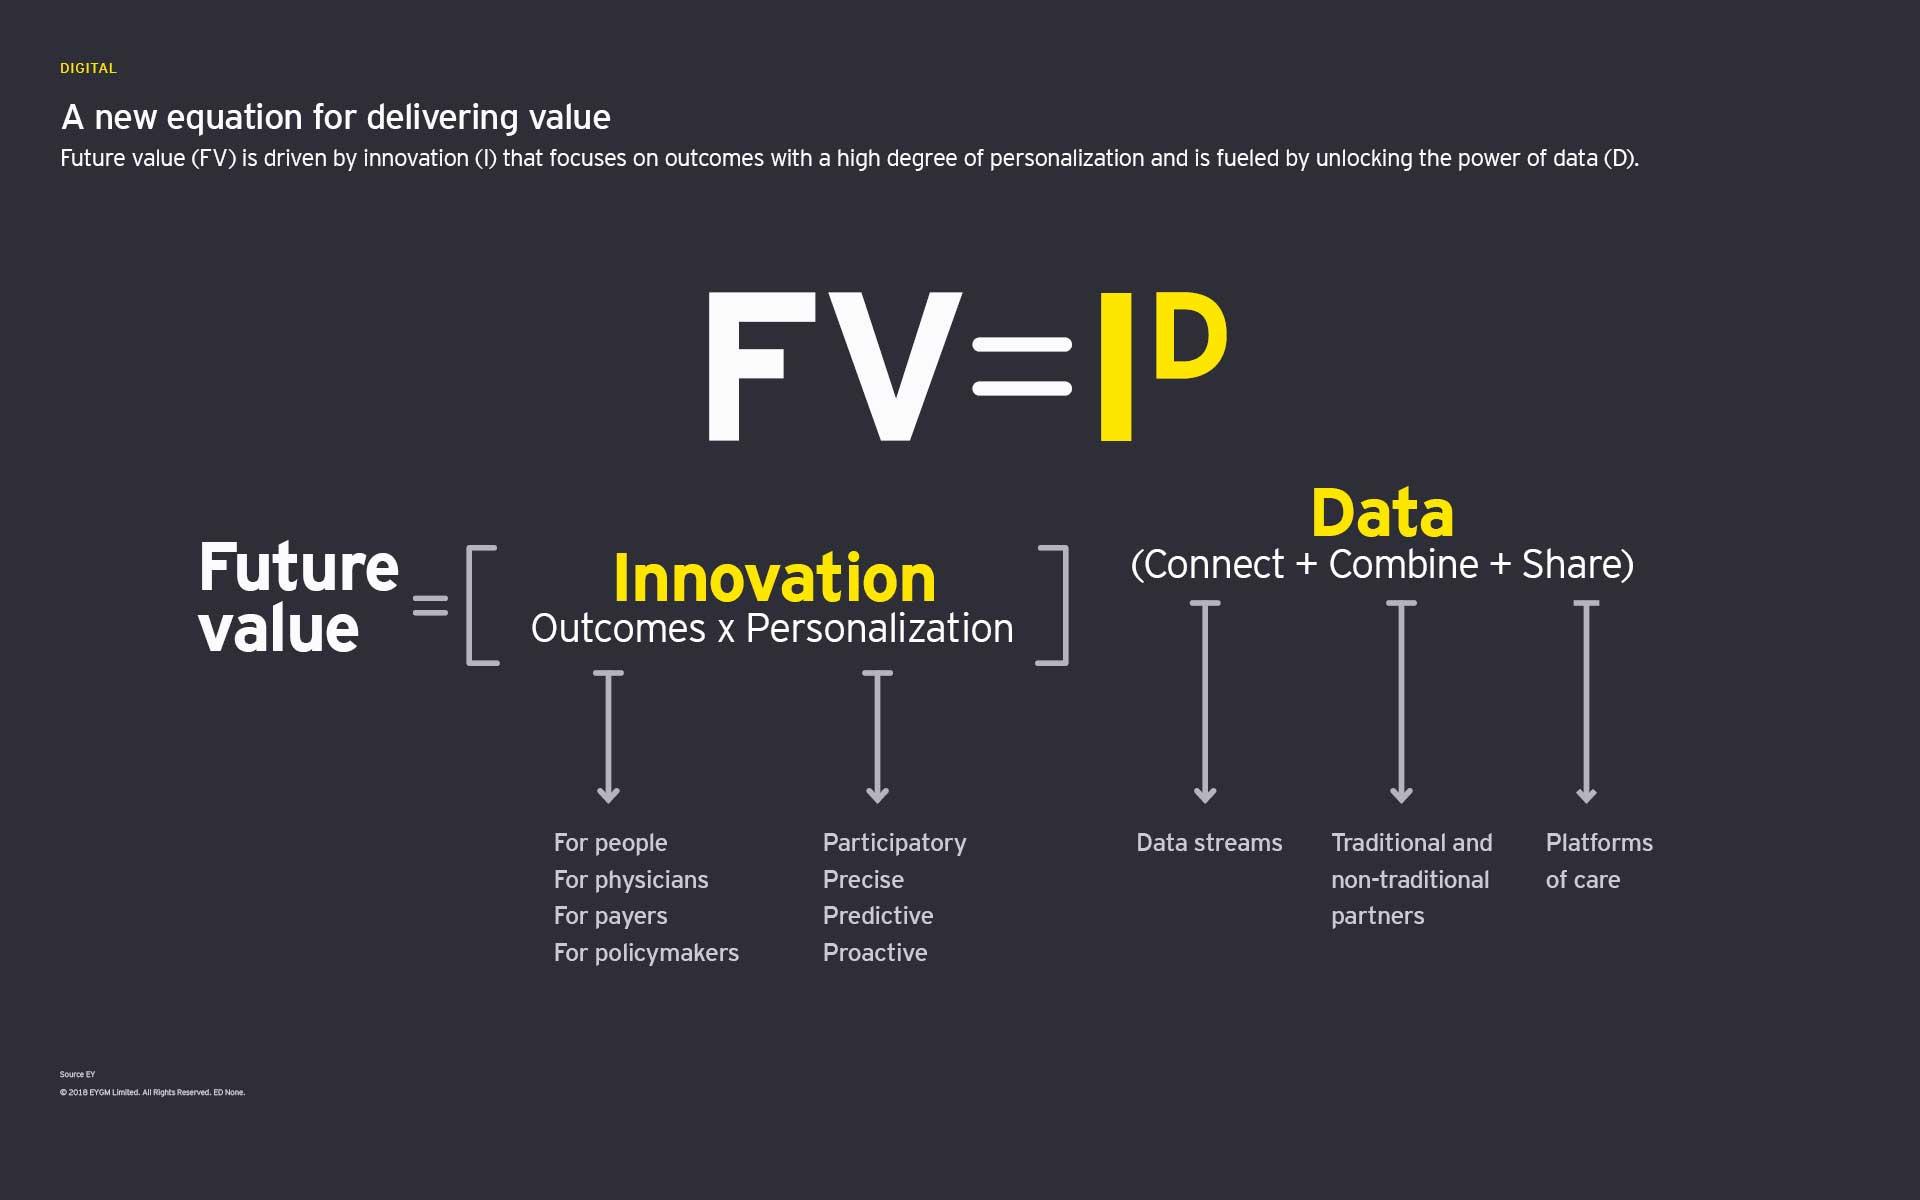 Uma nova equação para apresentar o gráfico de valor